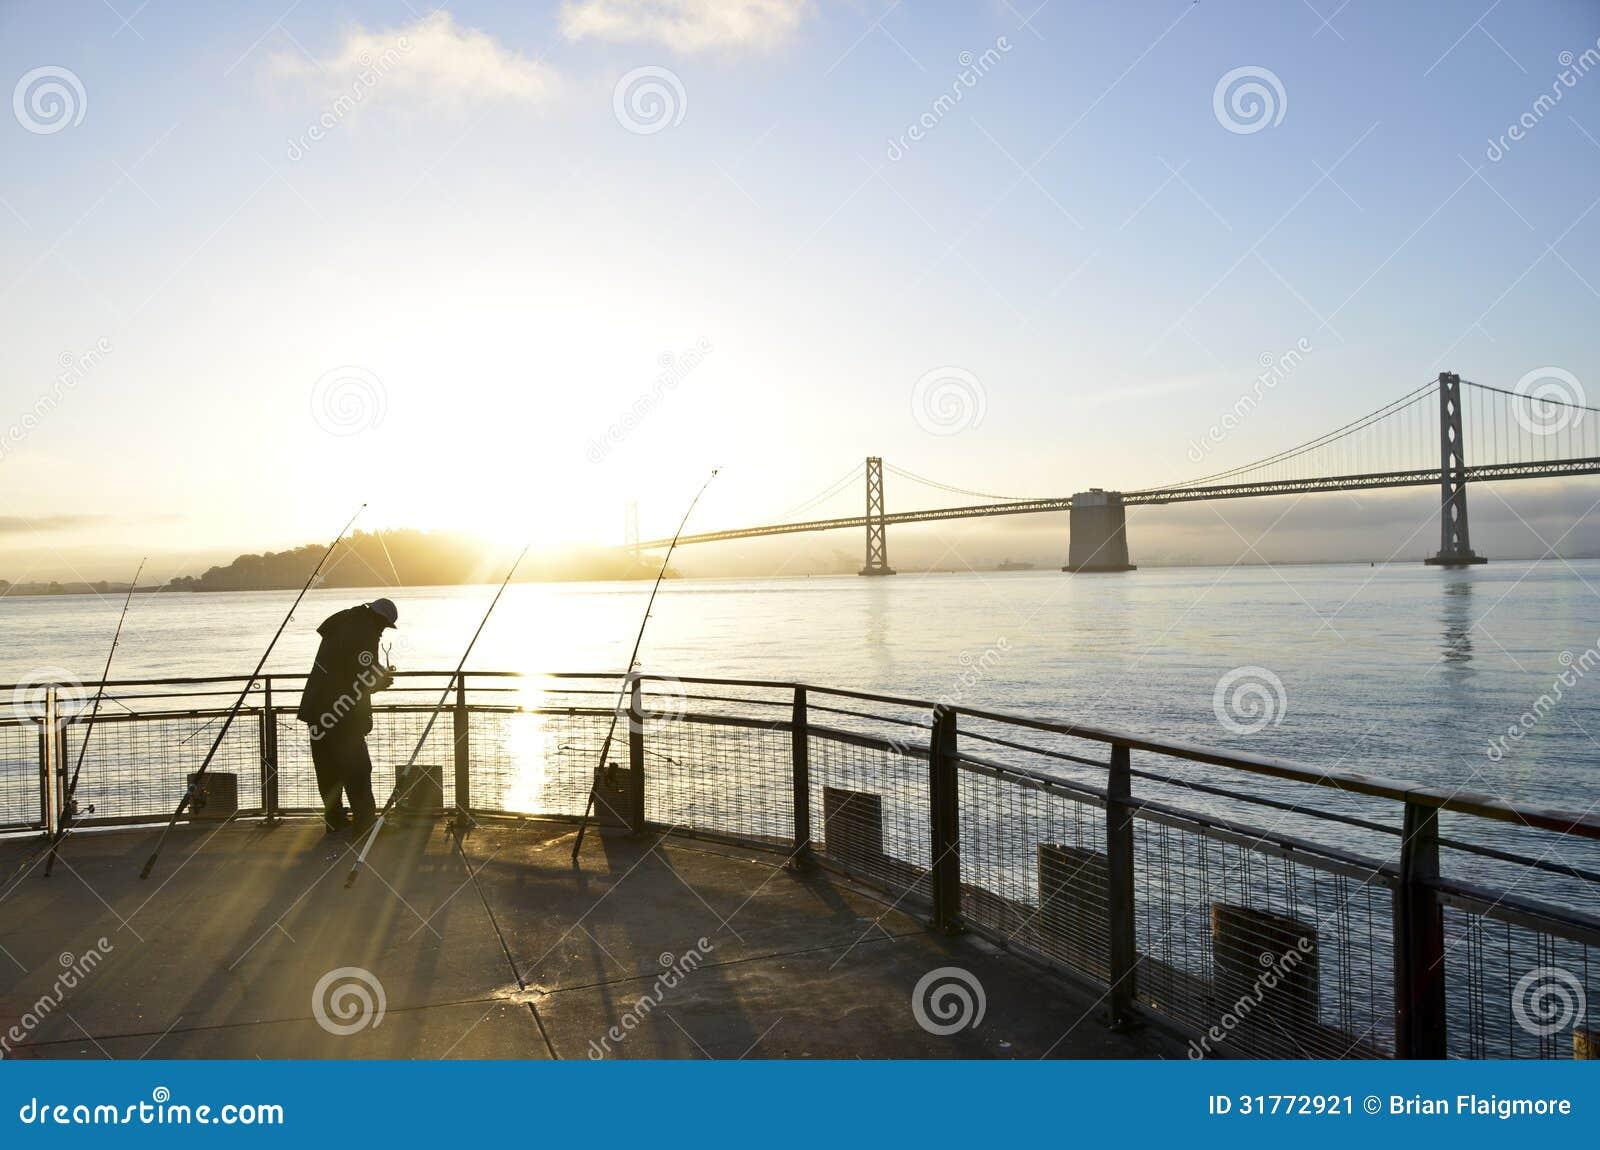 Fishing san francisco bay stock image image 31772921 for San francisco fishing